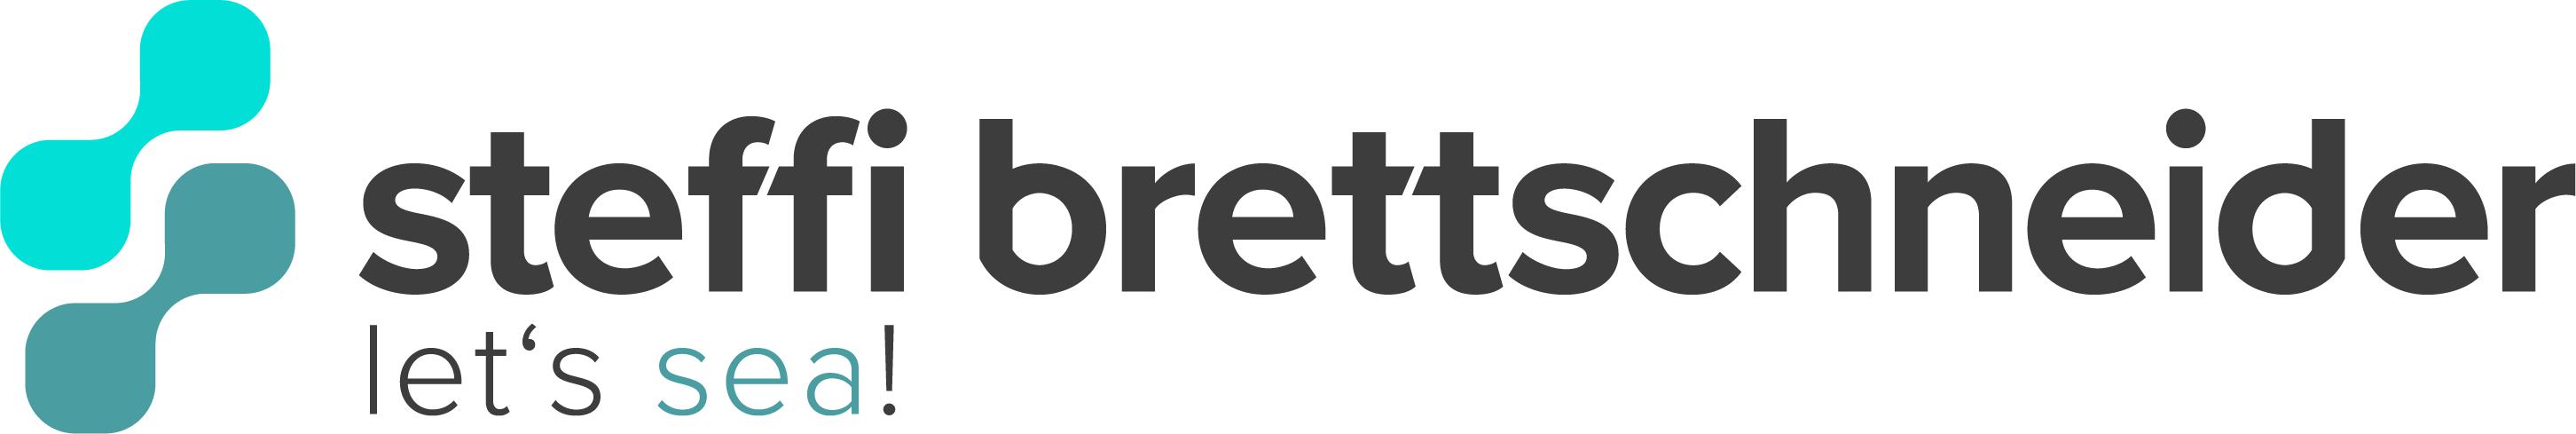 Logo-Steffi-Brettschneider-sea-freelancer